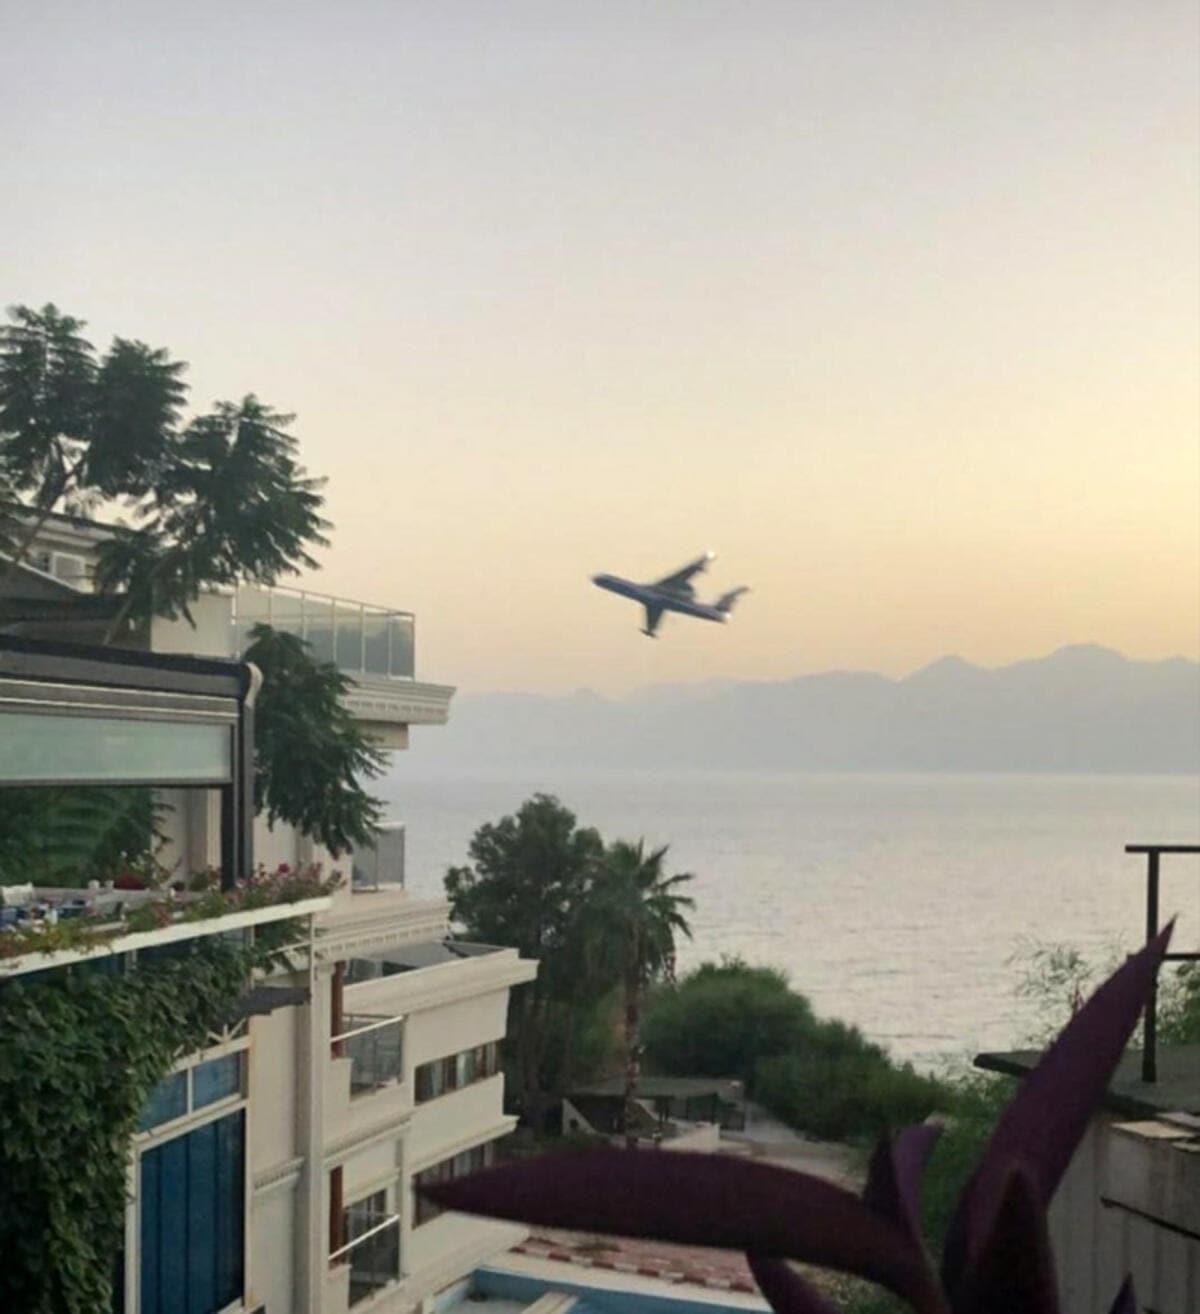 Antalya felaket yaşanacaktı! Rus pilot, Antalya kuleyi yanlış anlamış